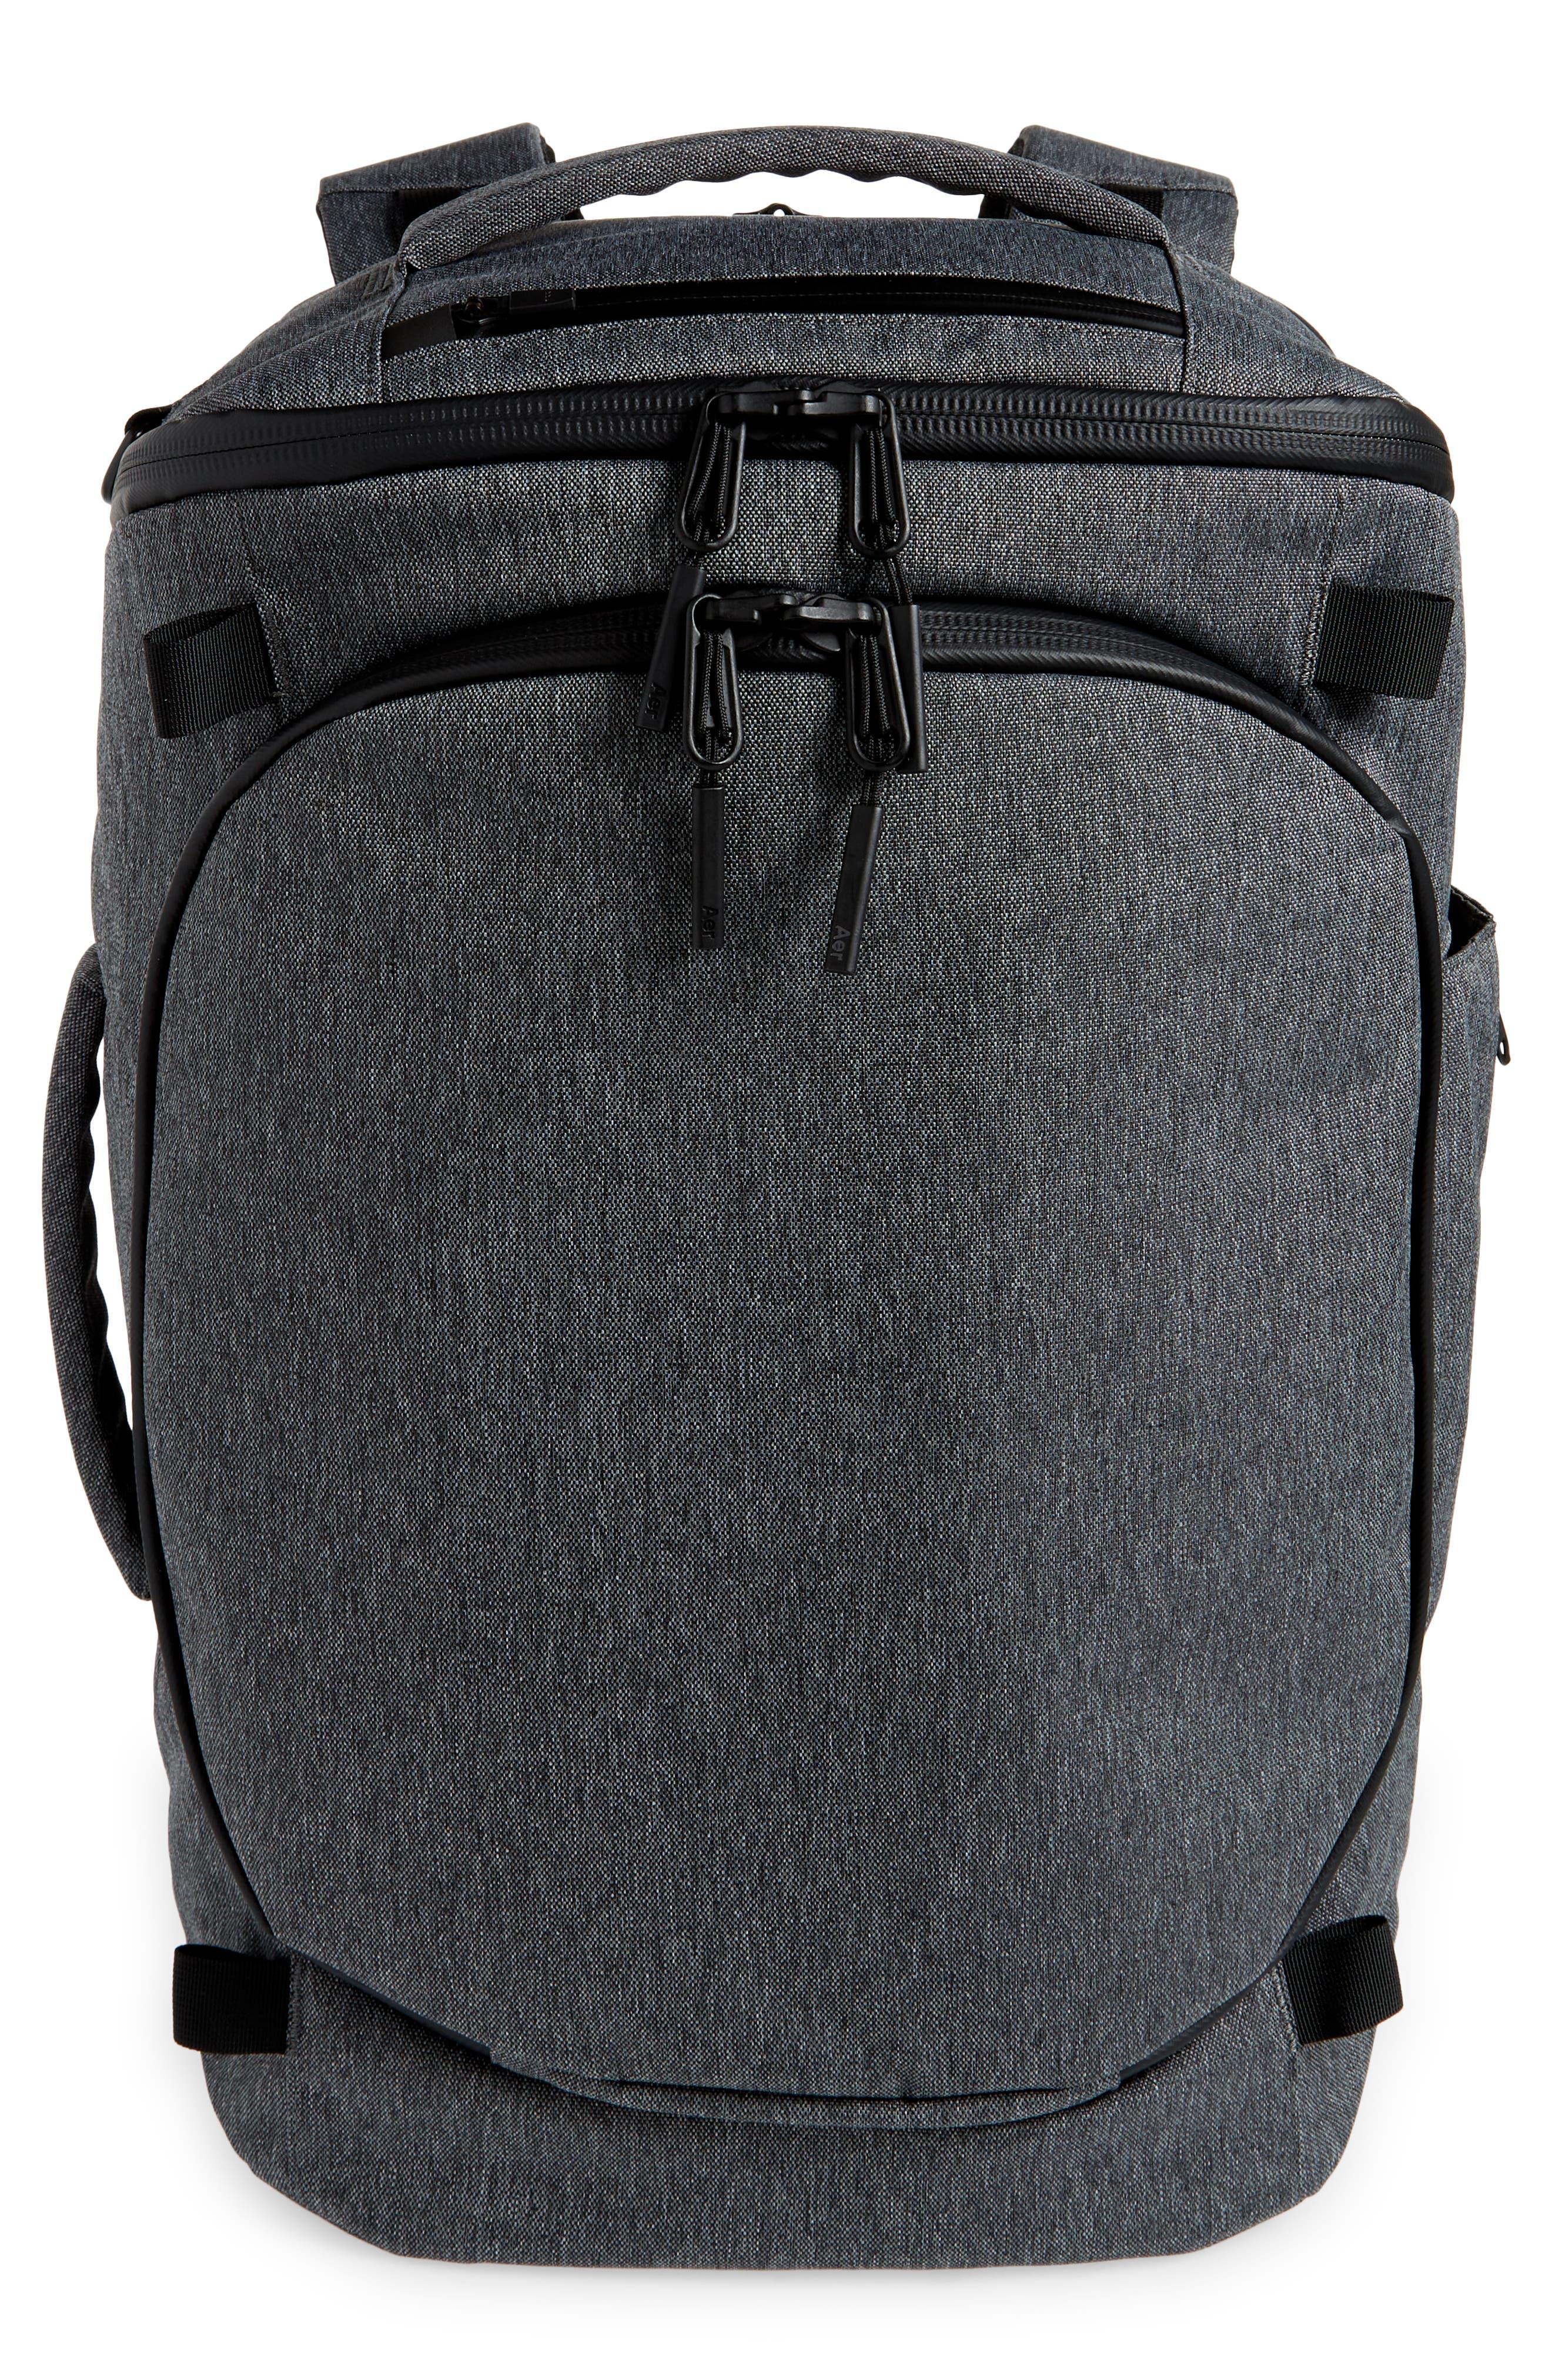 Capsule Max Water Resistant Backpack